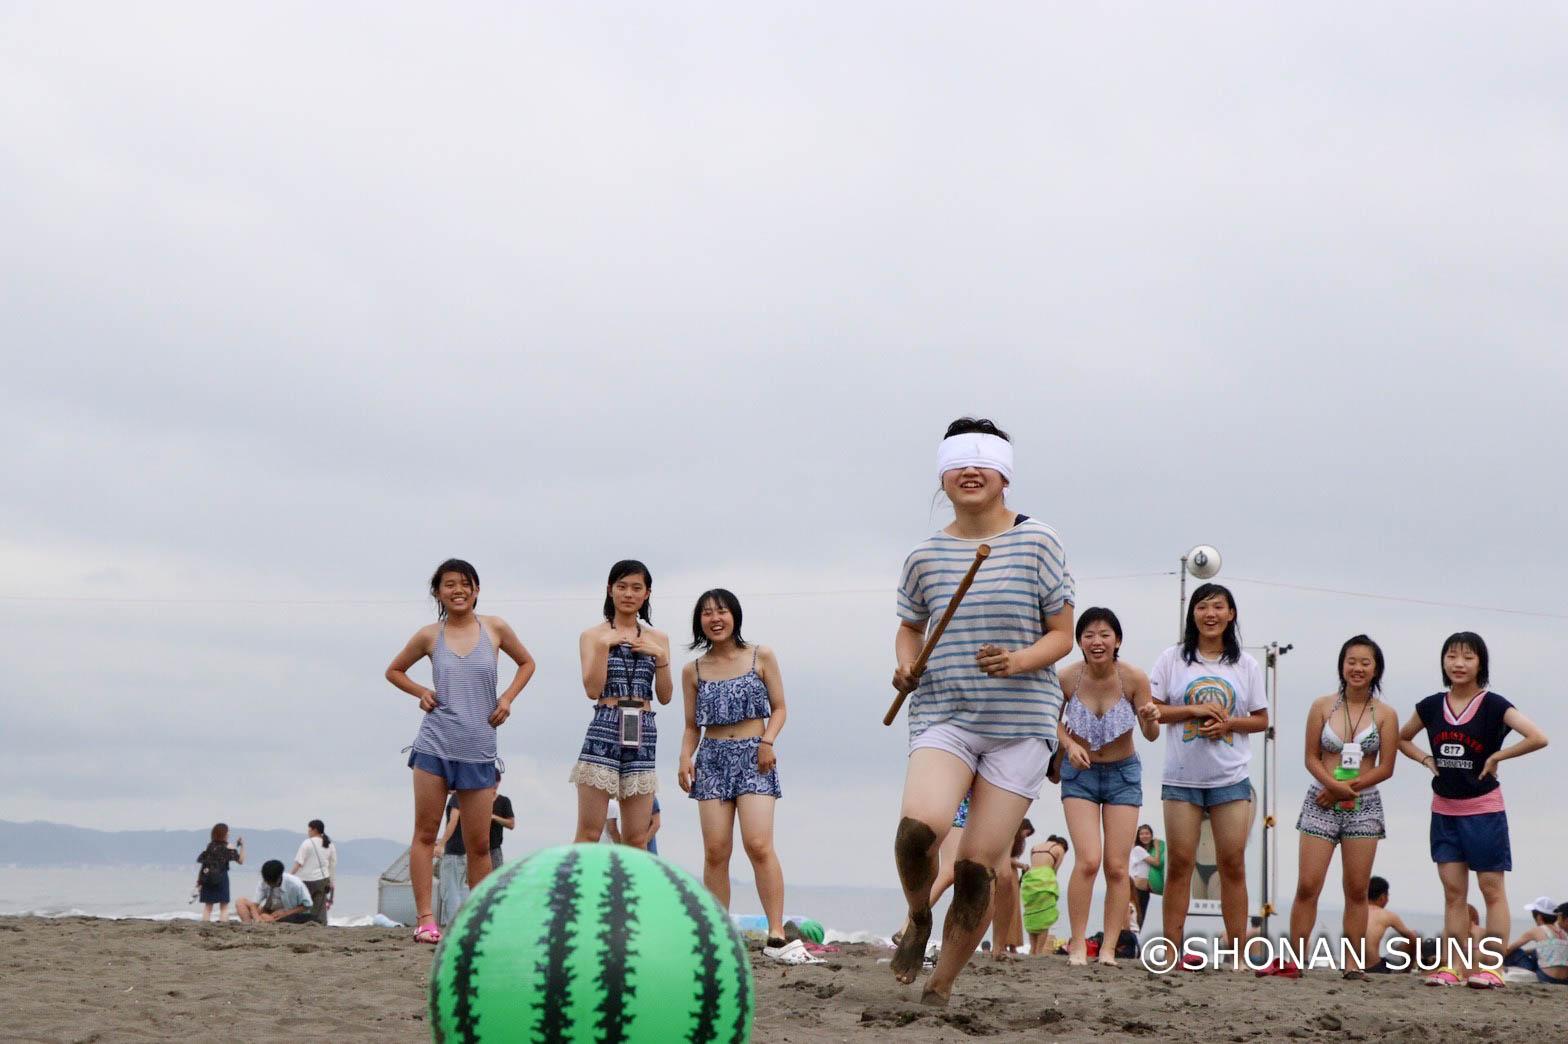 84-6 南相馬企画湘南大会🌴_170808_0164.jpg